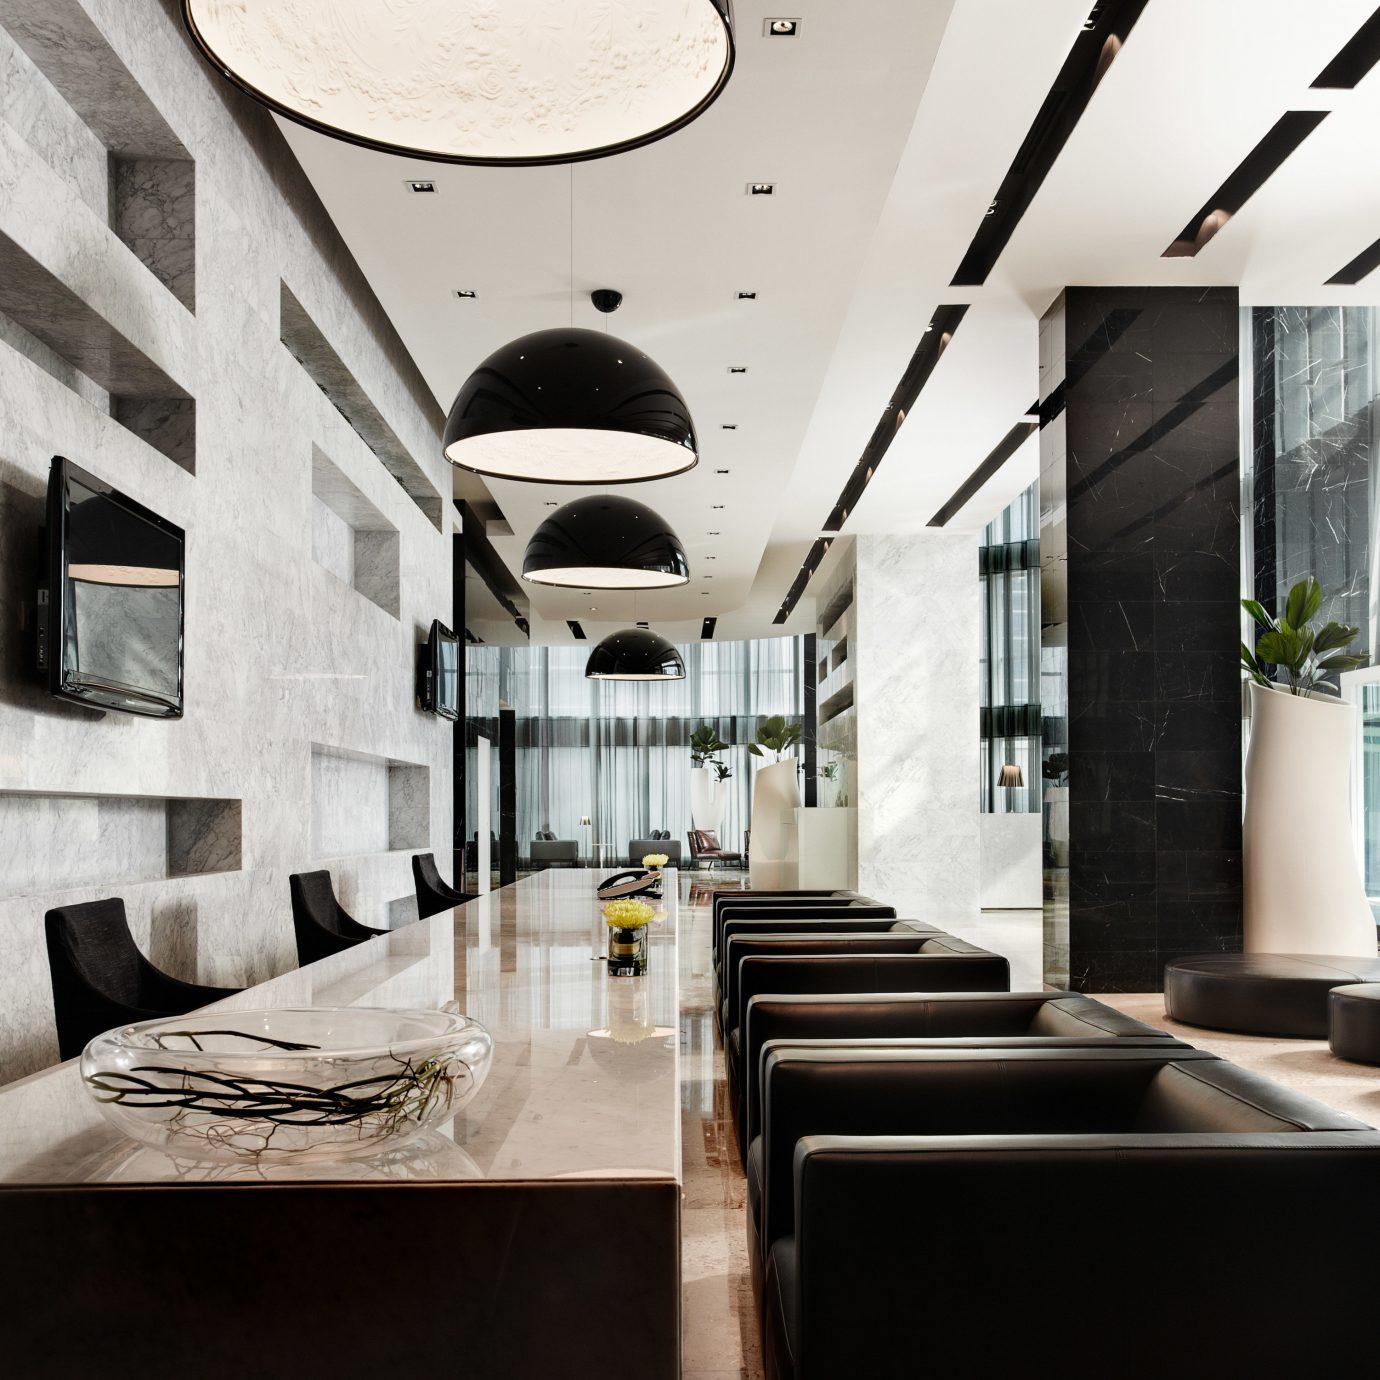 Lobby Architecture lighting restaurant living room